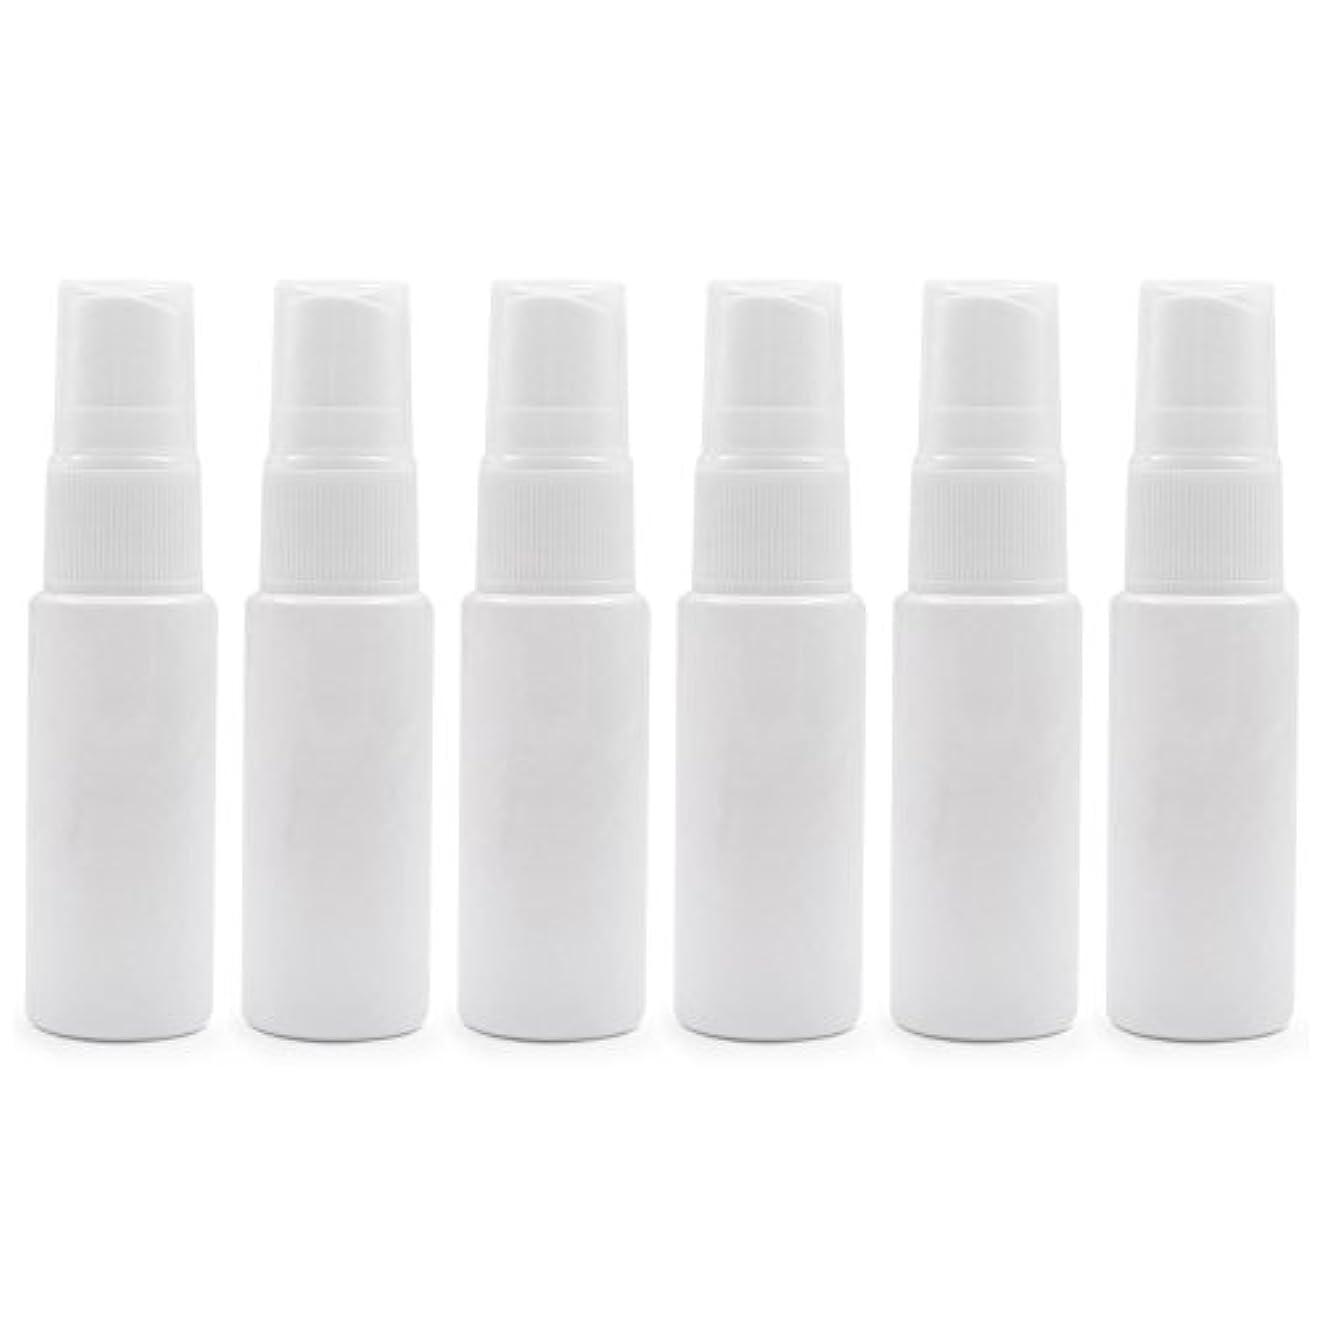 ぬいぐるみそよ風仲間6 PCS Aspire透明プラスチックスプレーボトル 旅行 クリーニング エッセンシャルオイル マウスウォッシュ 香水(10ml 20ml)のための携帯用詰め替え可能な香水瓶スプレー - ホワイト - 20 ml